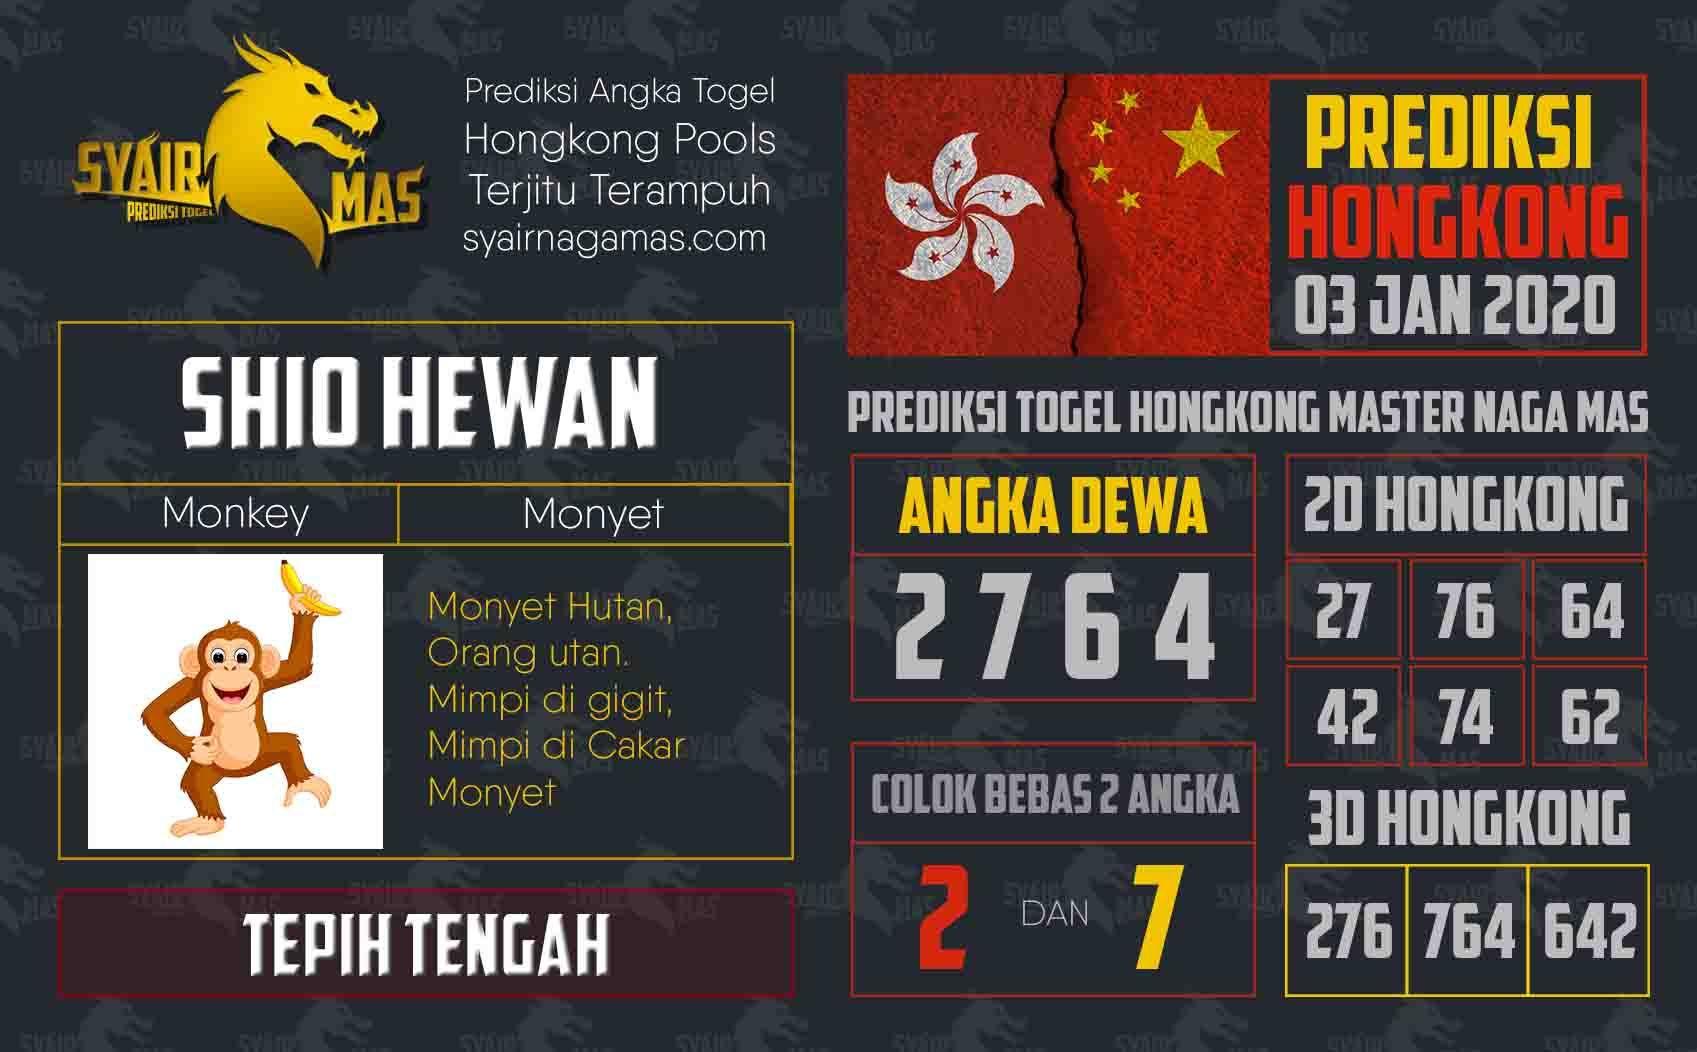 Prediksi Togel Hongkong  Di 2020 Januari